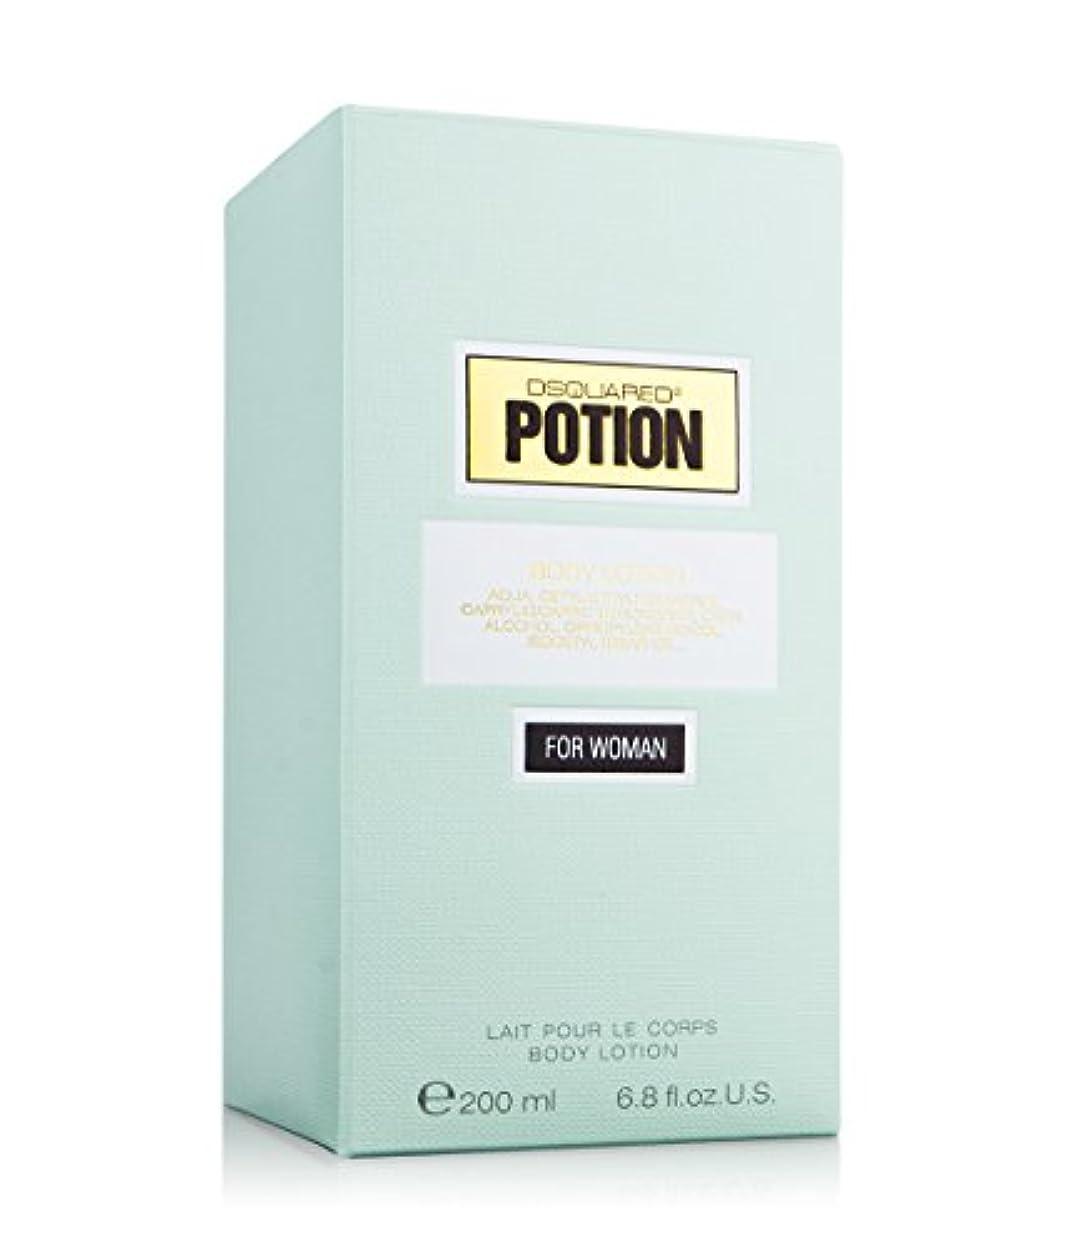 膿瘍子供達ミルクDsquared2 Potion Body Lotion For Woman(ディースクエアード ポーション ボディローション フォー ウーマン)200ml [並行輸入品]